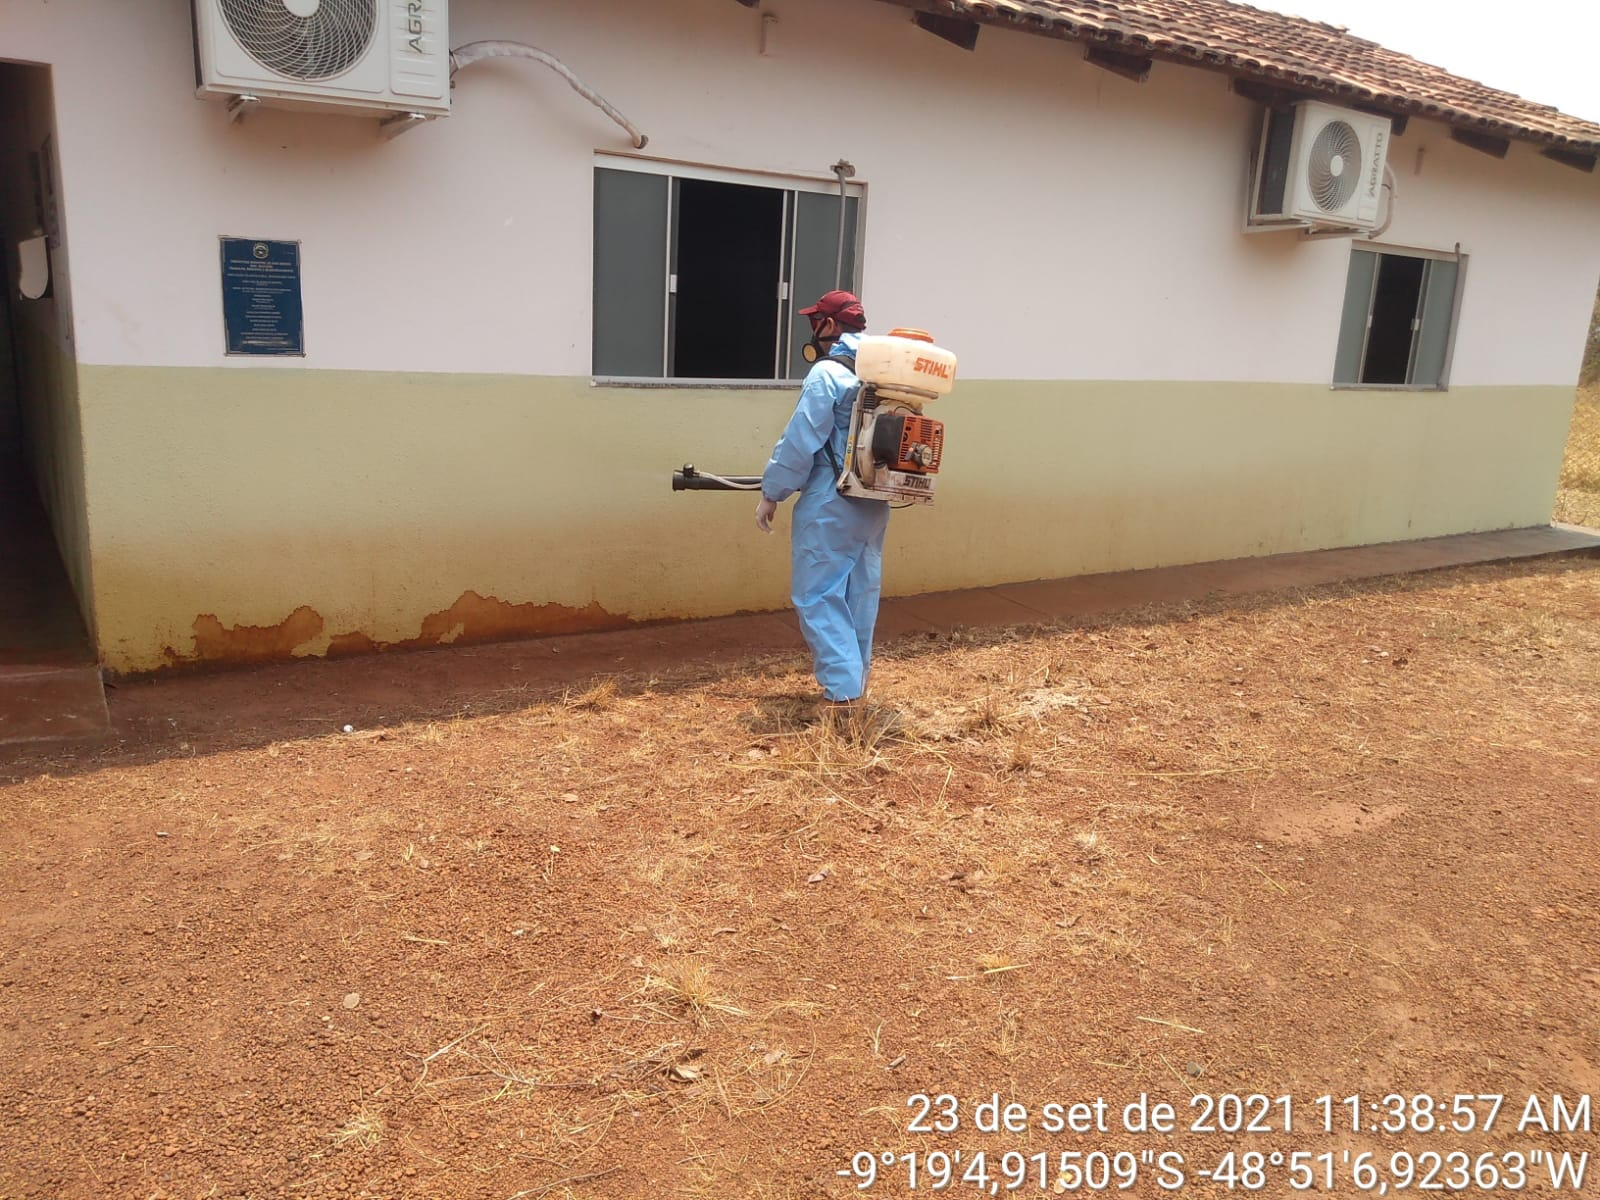 Parte externa da Escola Machado de Assis também foi sanitizada - Foto: Ascom/Divulgação